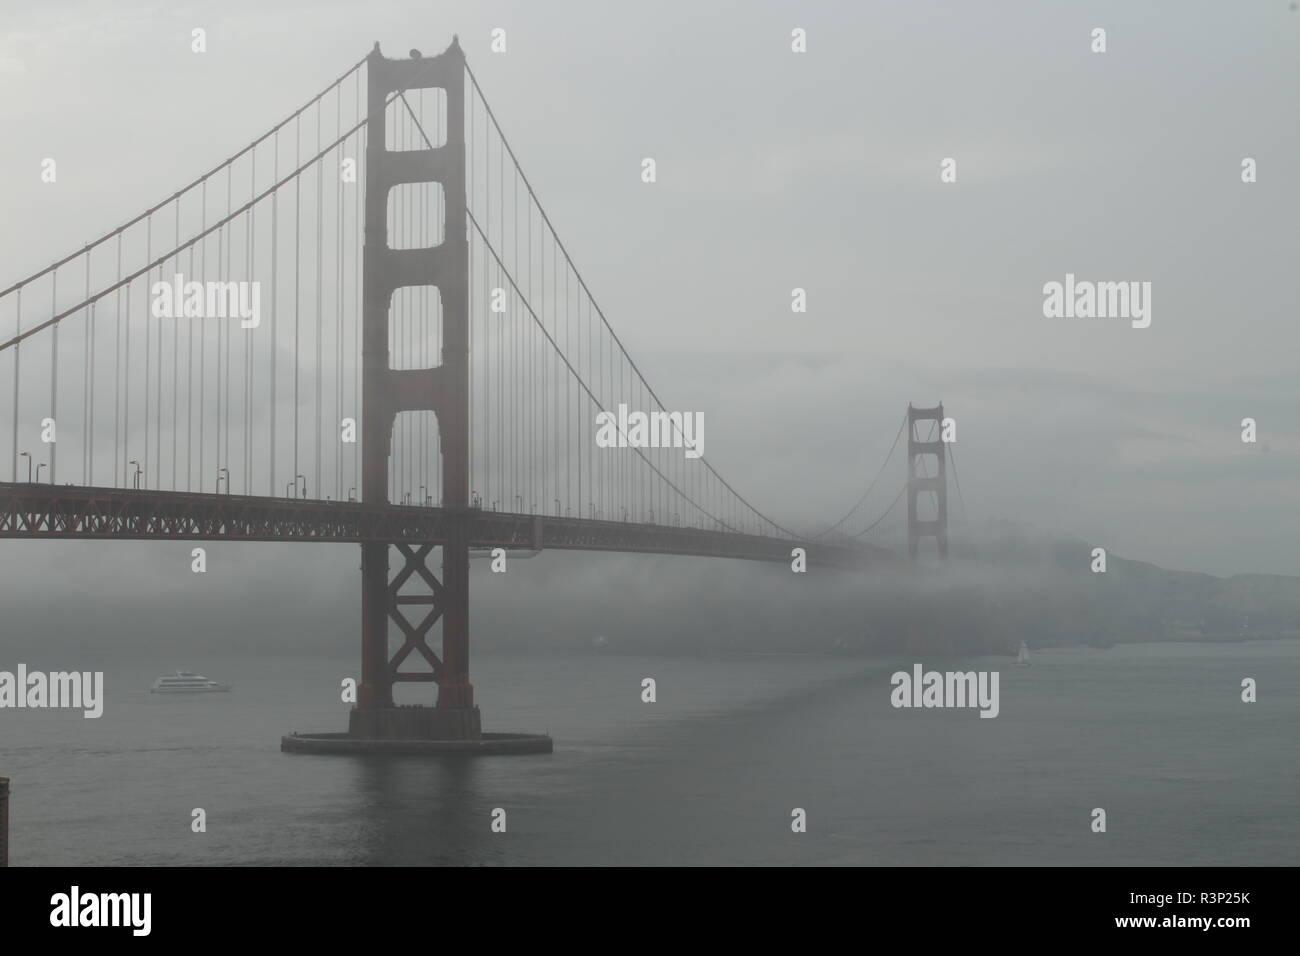 Golden Gate Bridge im Nebel in San Francisco von der Südseite der Brücke aufgenommen Stockbild